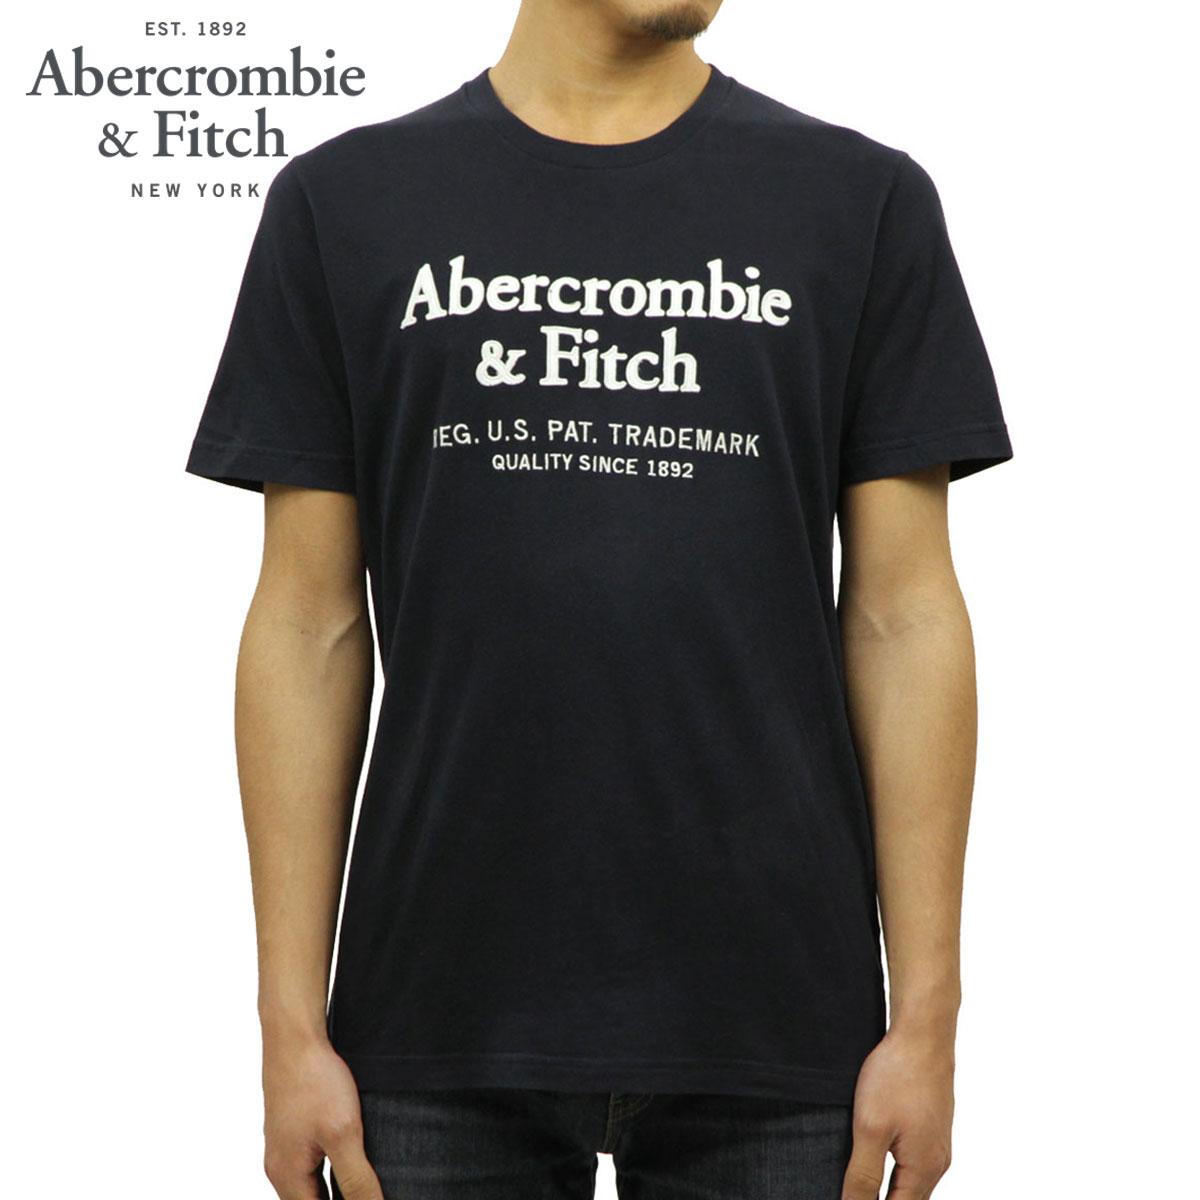 アバクロ Abercrombie&Fitch 正規品 メンズ クルーネック ロゴ 半袖Tシャツ SHORT-SLEEVE APPLIQUE LOGO TEE 123-238-2517-200